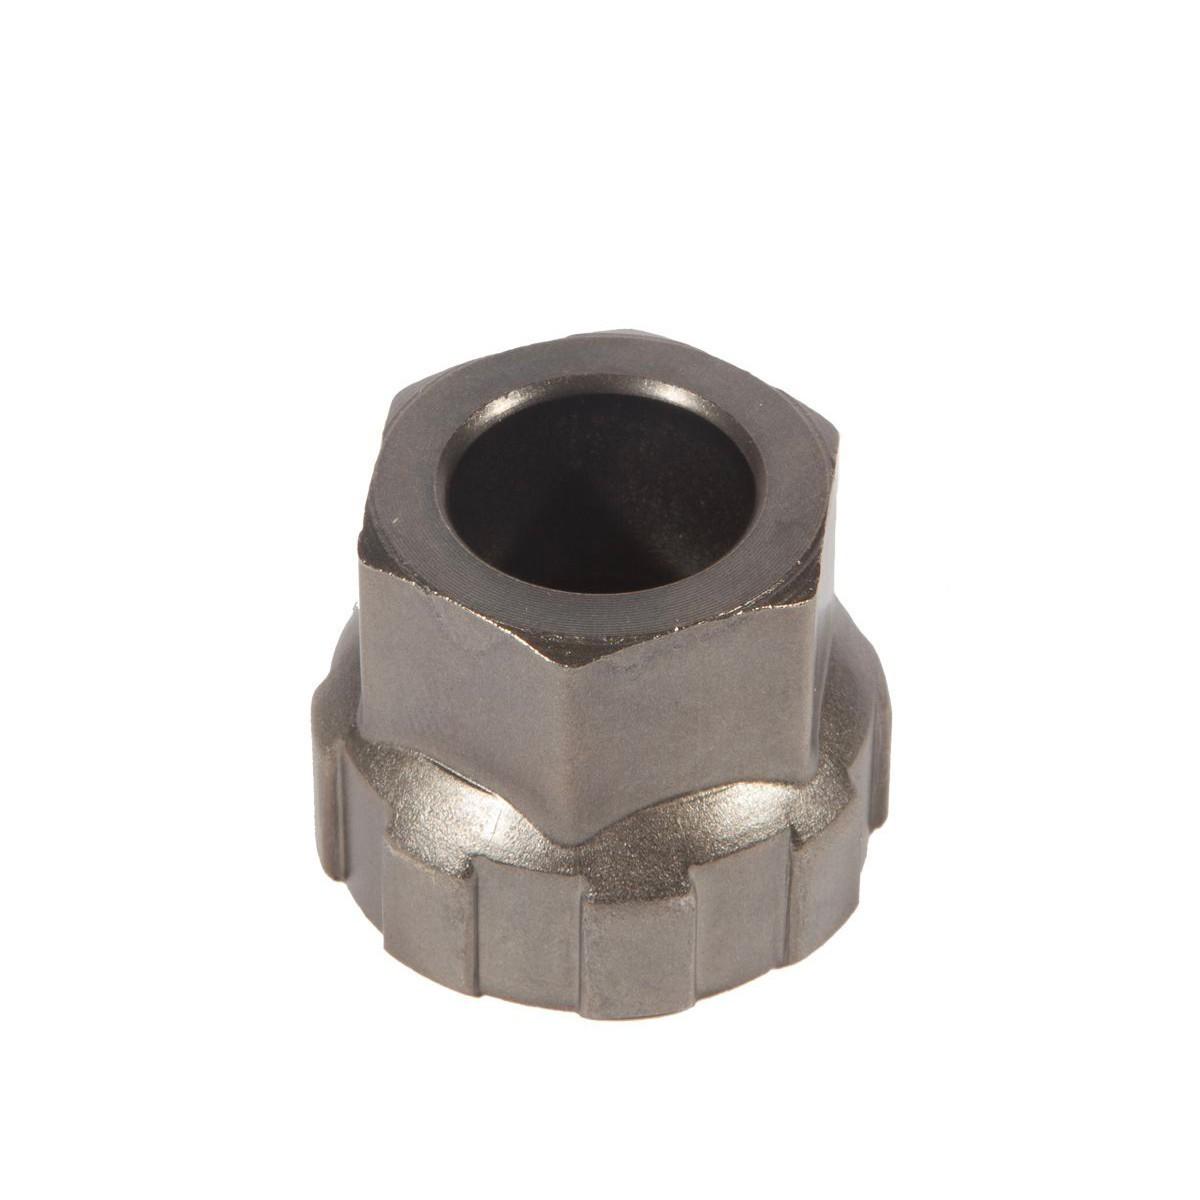 Freewheel Tool Excess 13-15 Teeth